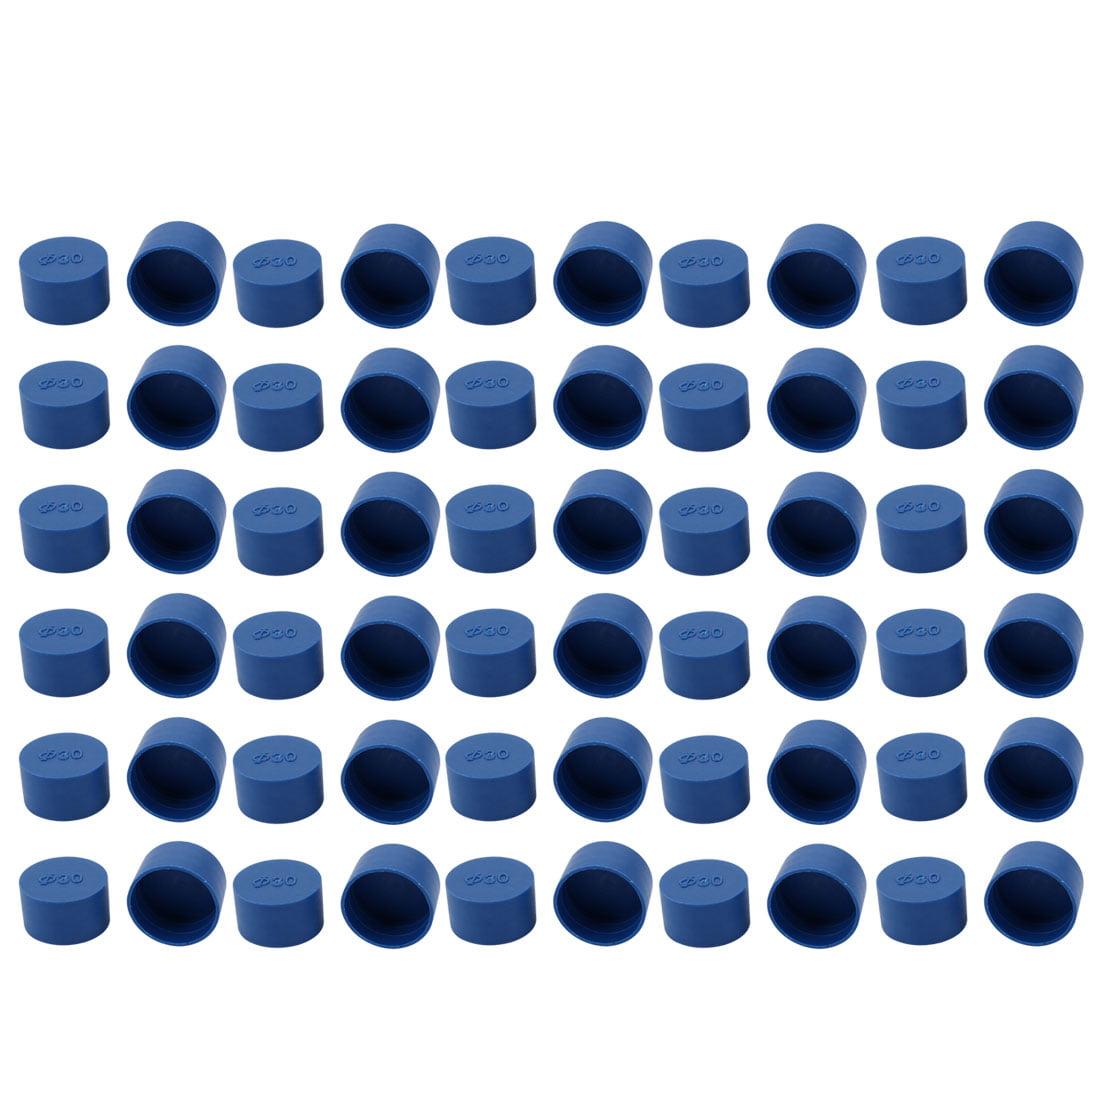 60pcs 30mm Inner Dia PE Plastic End Cap Bolt Thread Protector Tube Cover Blue - image 2 de 2